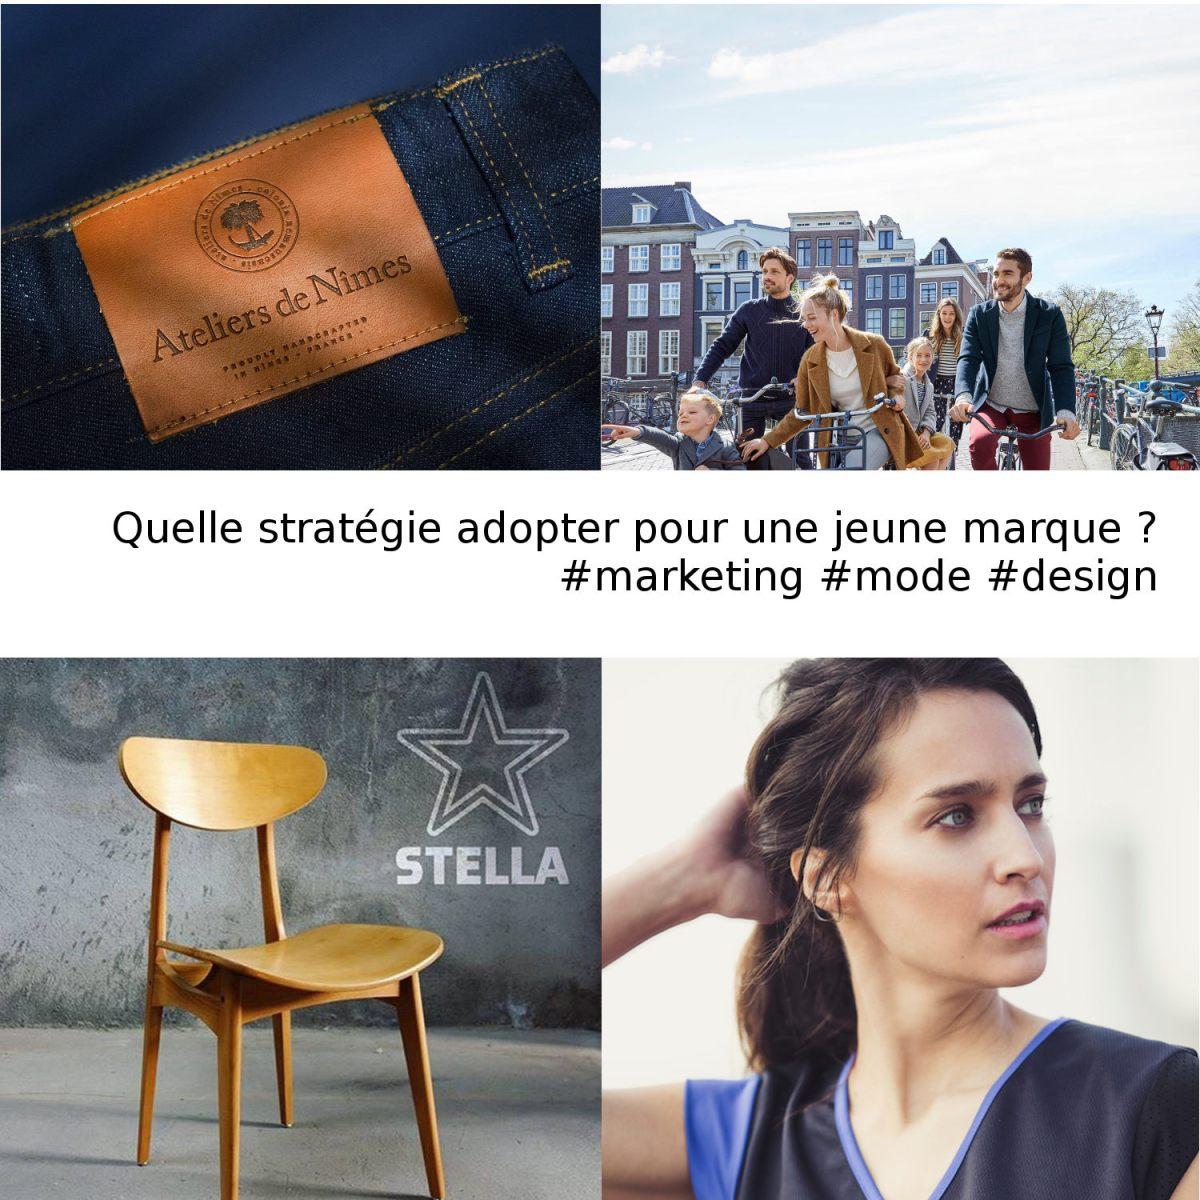 Pour réussir, quelle stratégie adopter pour une jeune marque?